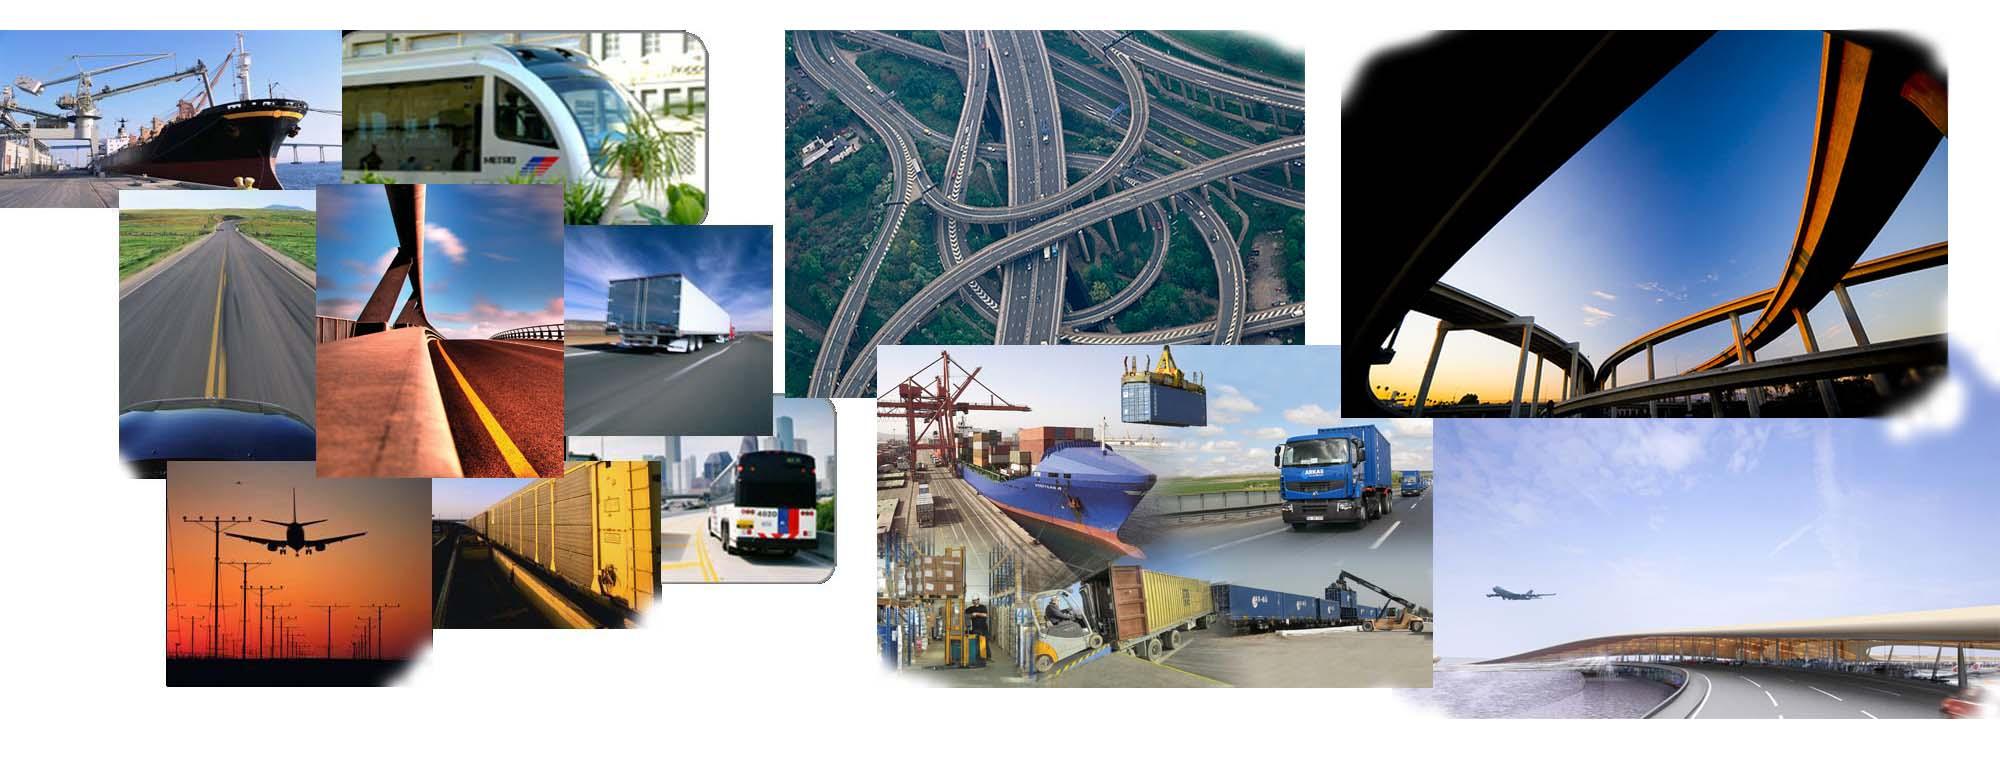 پروژه طراحی شرکت و کمپانی حمل و نقل